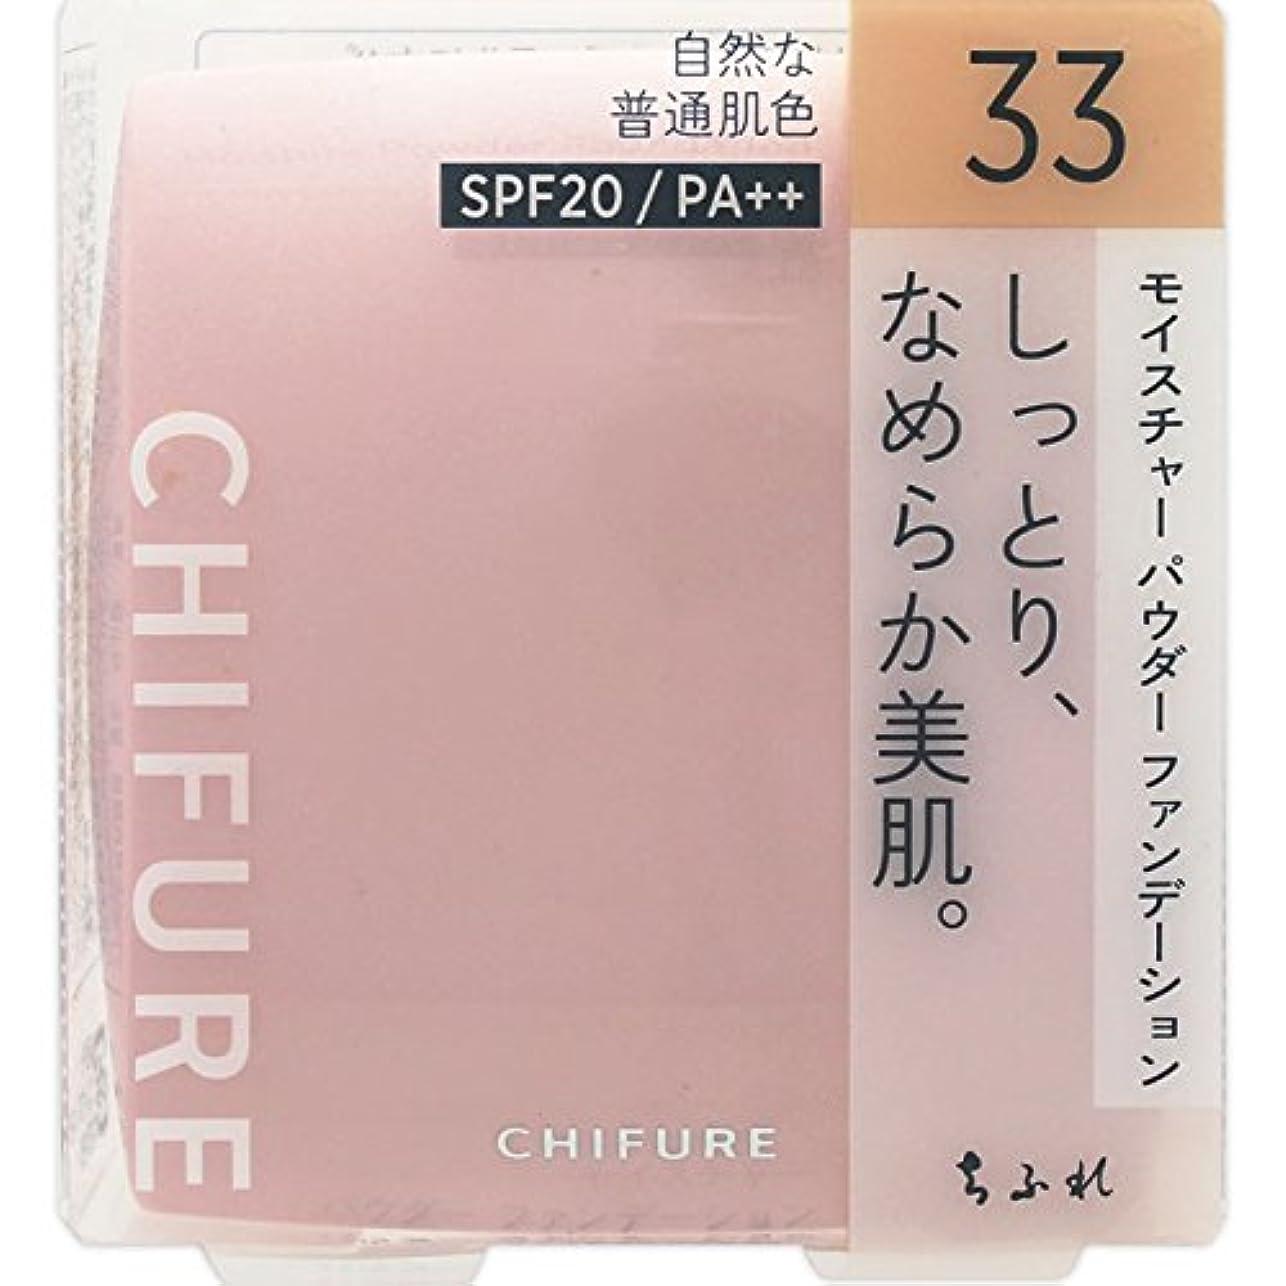 ちふれ化粧品 モイスチャー パウダーファンデーション(スポンジ入り) 33 オークル系 MパウダーFD33